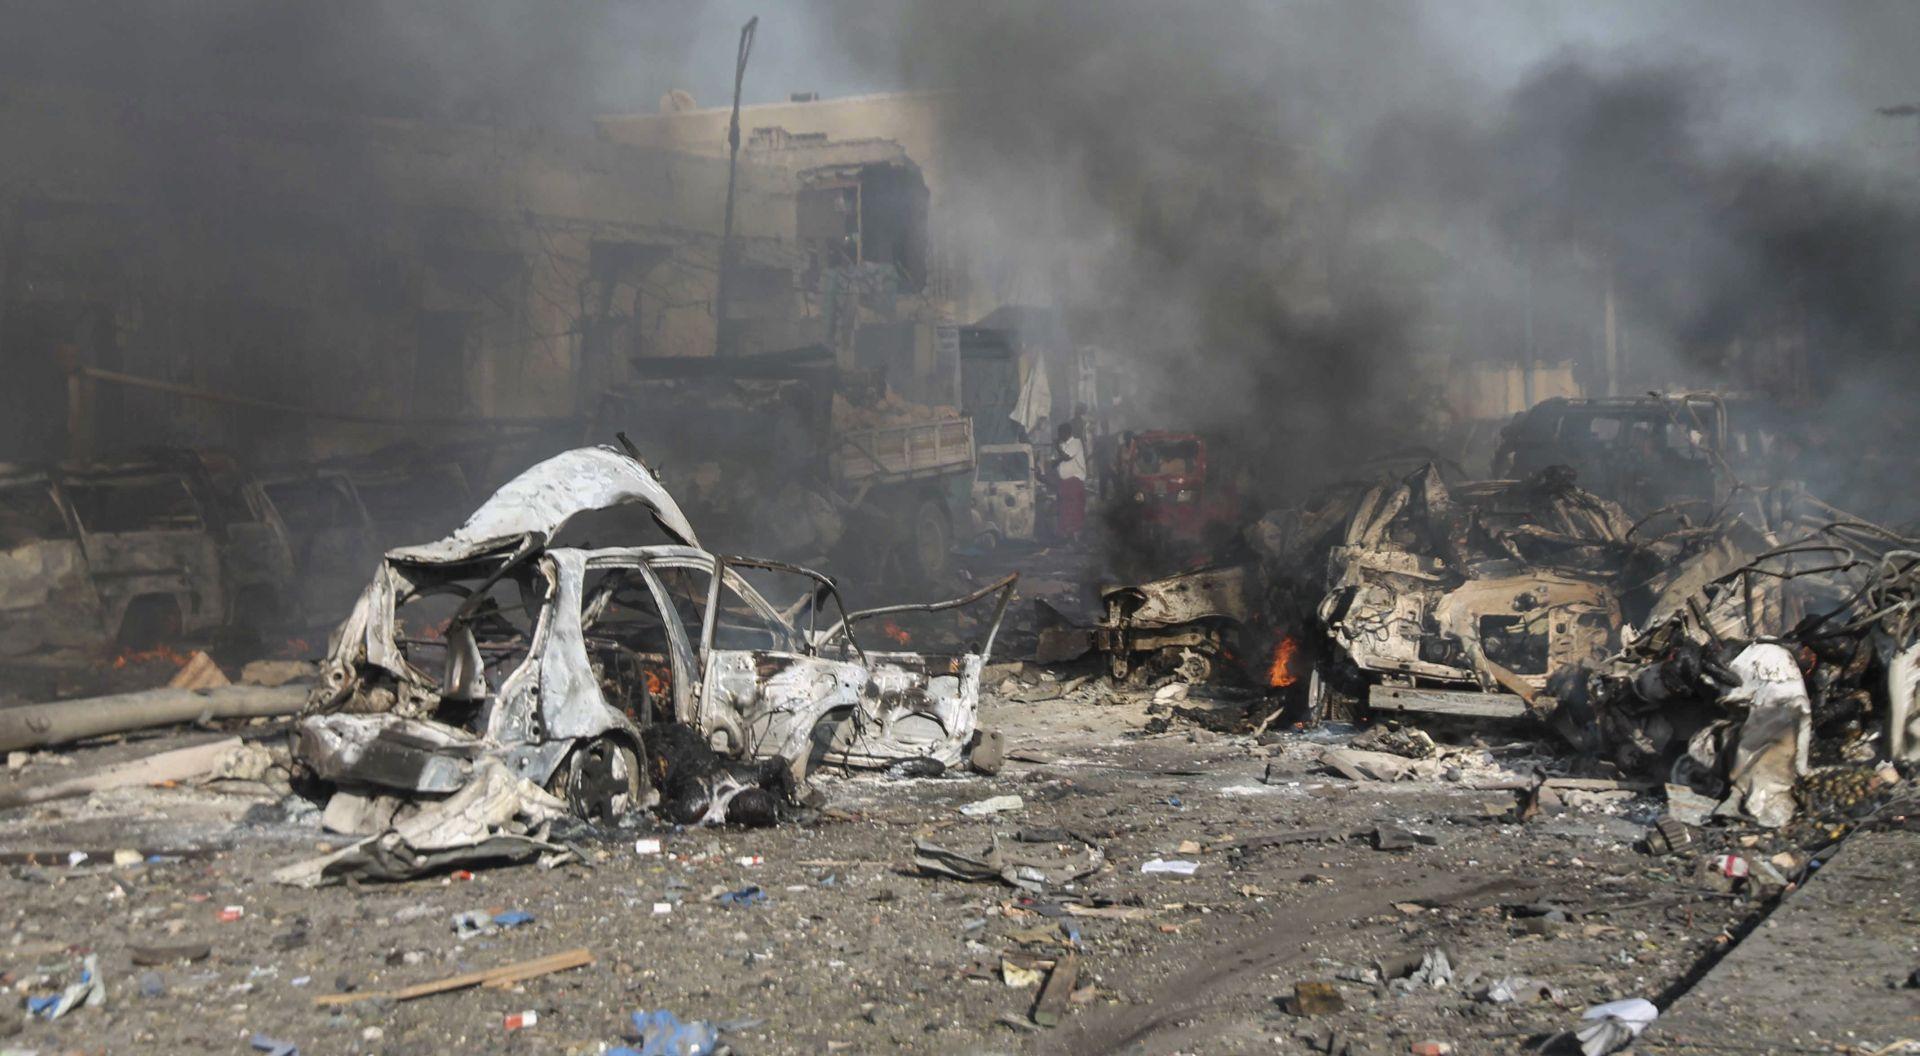 DVA TJEDNA NAKON KRVOPROLIĆA Dvije eksplozije potresle Mogadishu, militanti upali u hotel